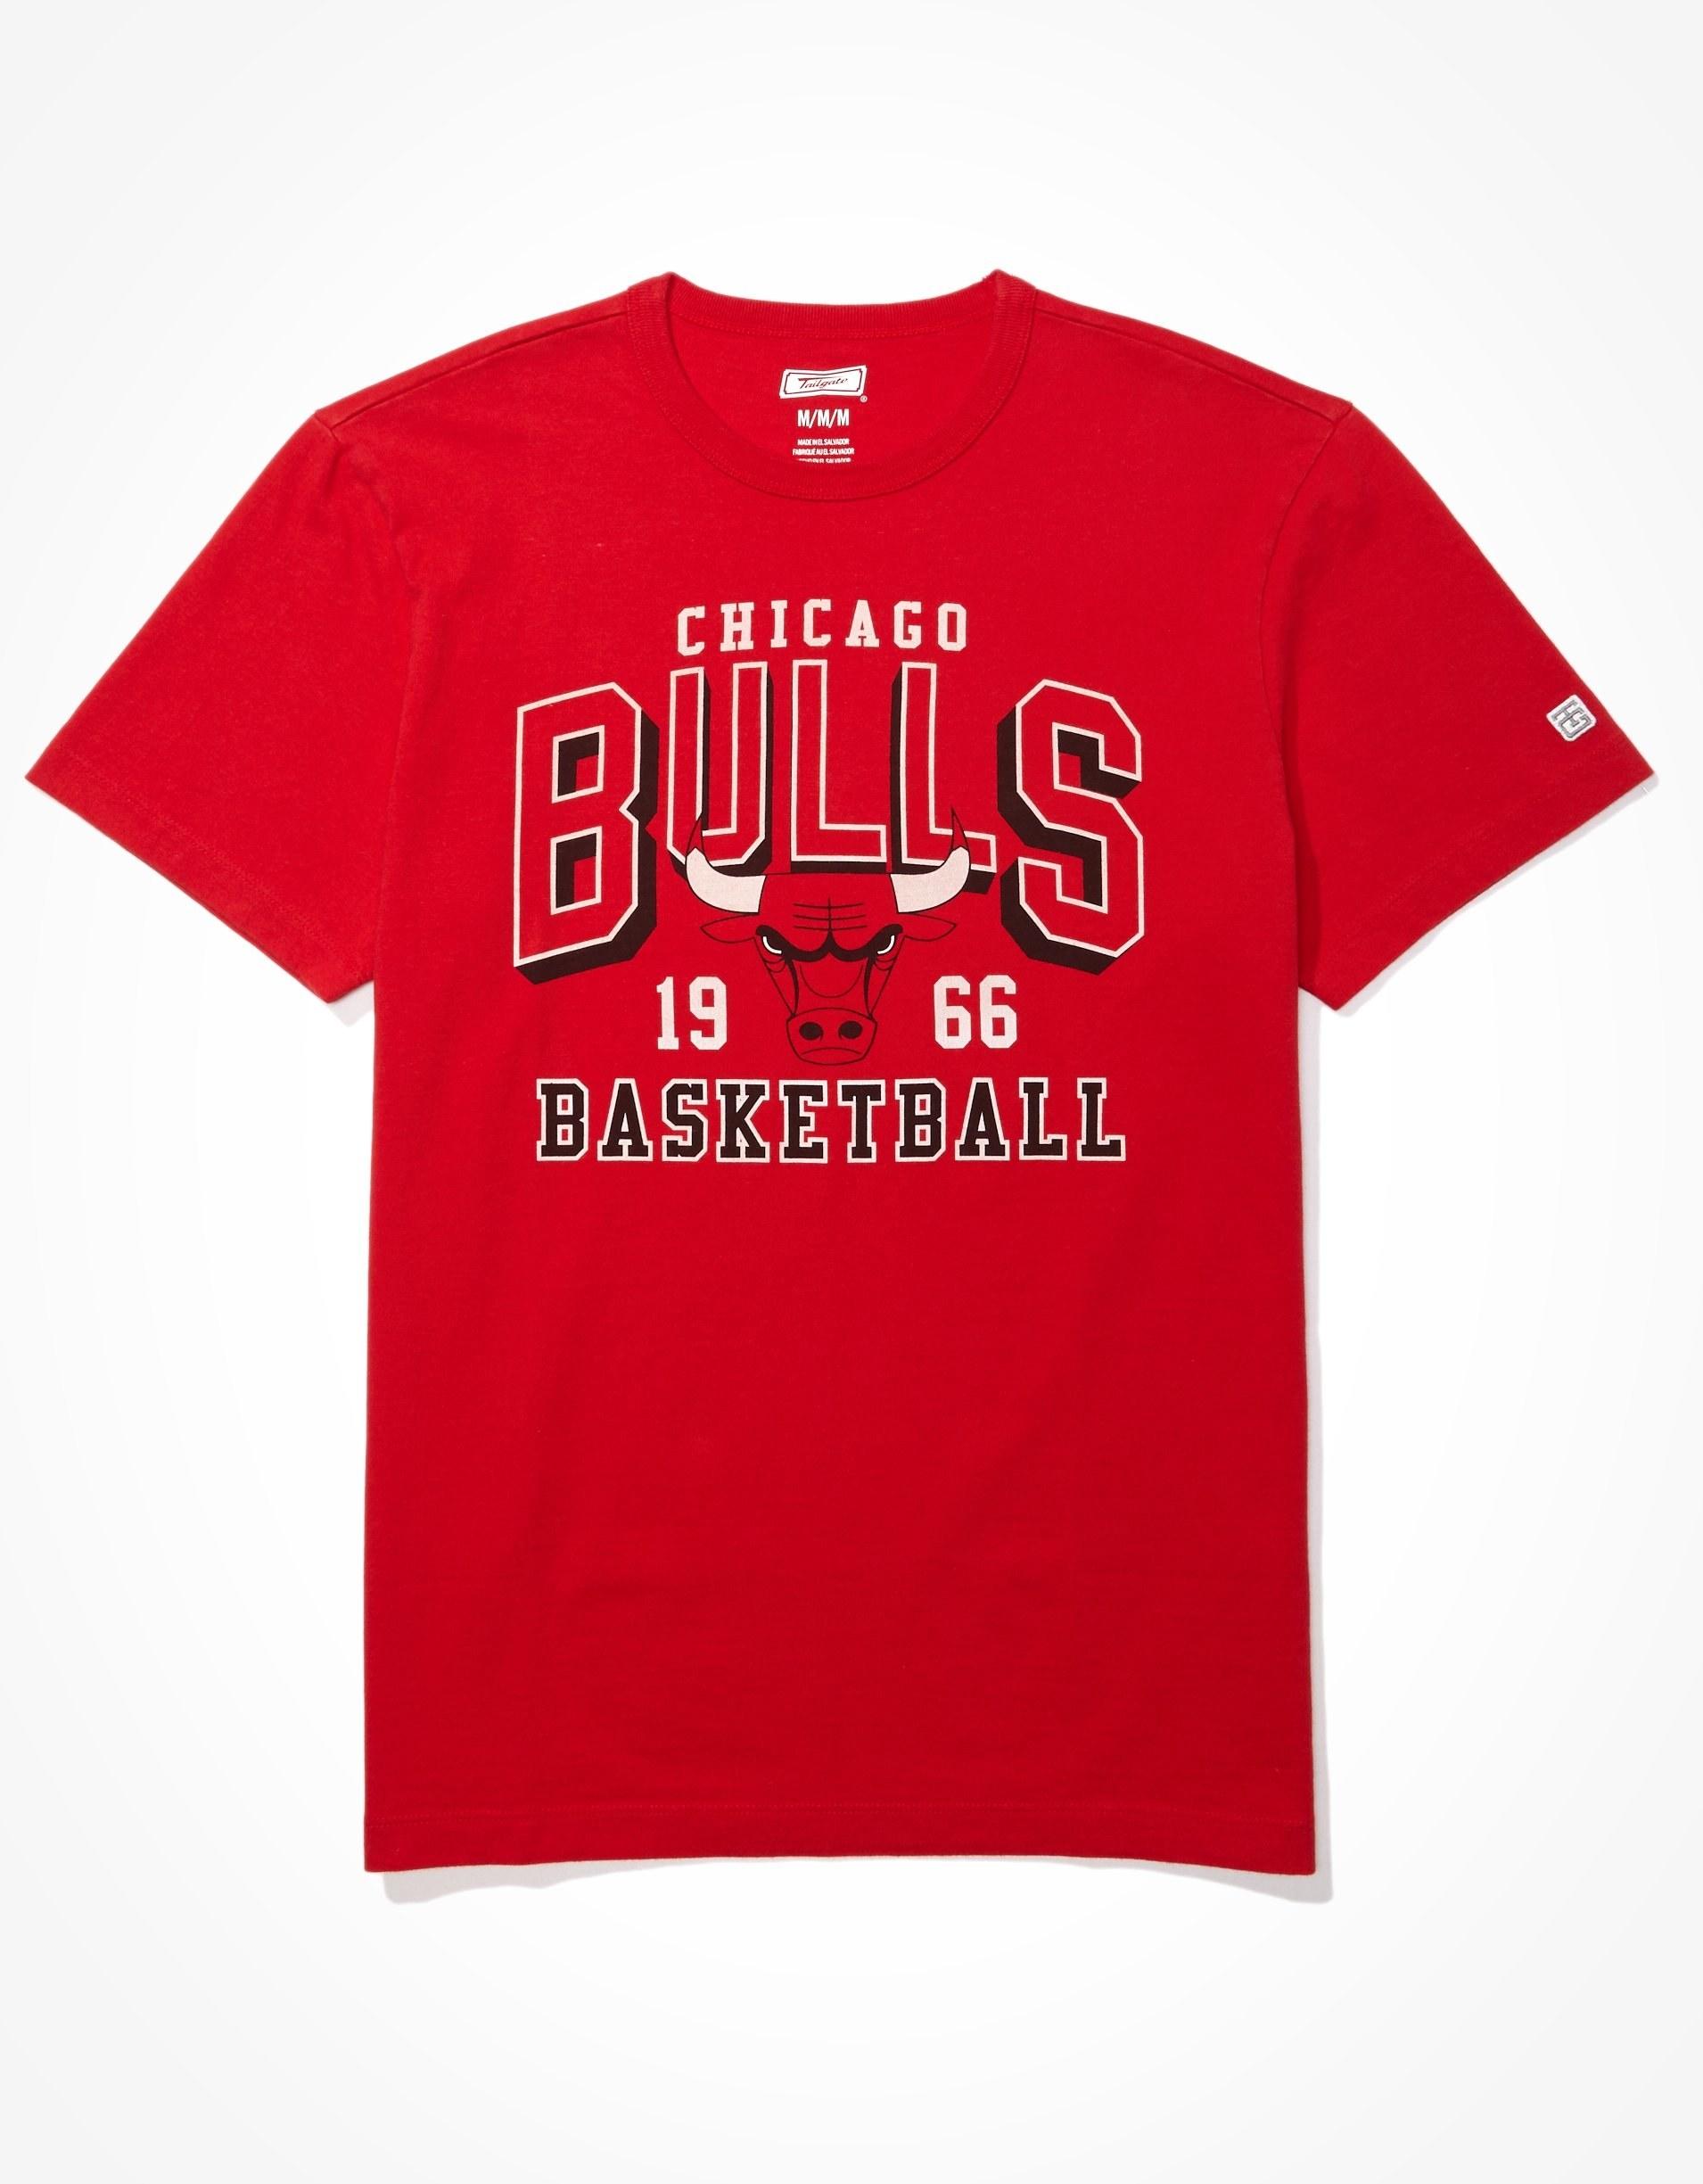 red Chicago Bulls shirt